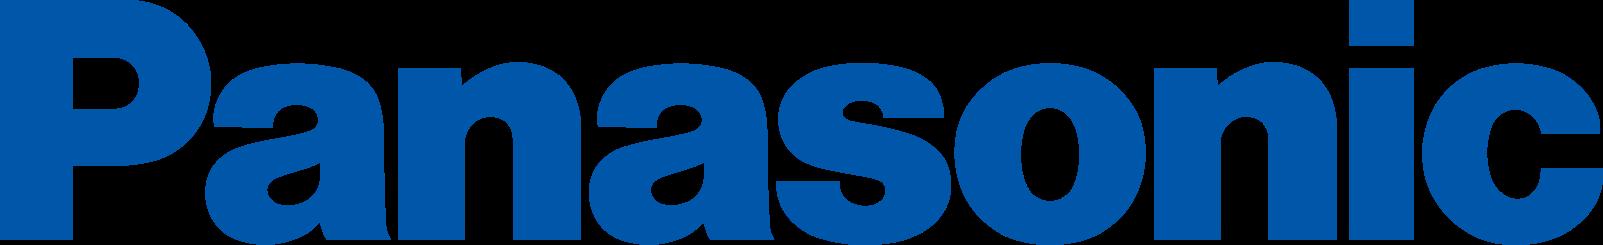 Panasonic onderdelen